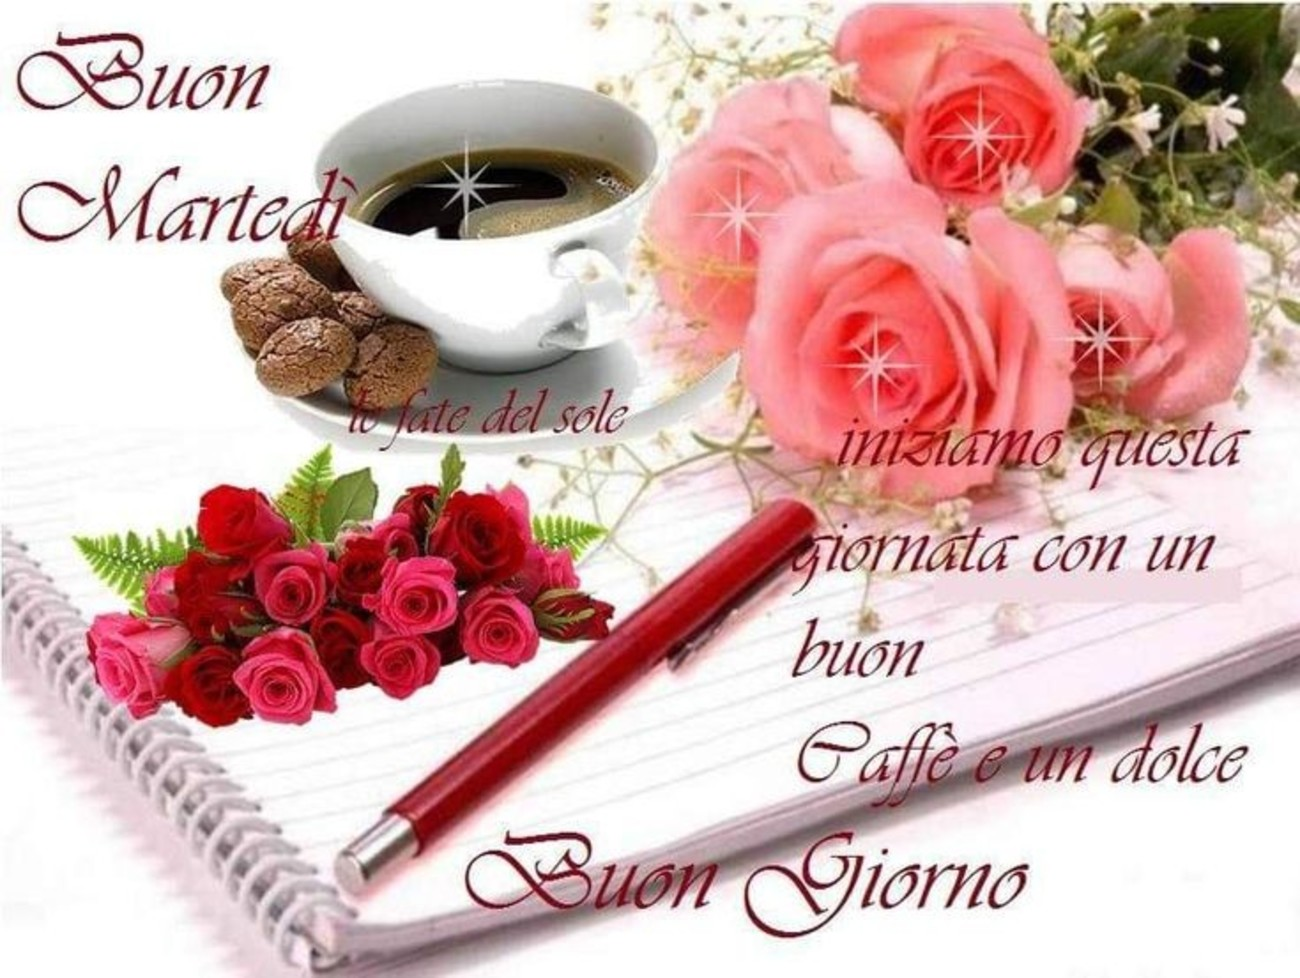 belle immagini buon martedi amore con rose (8)